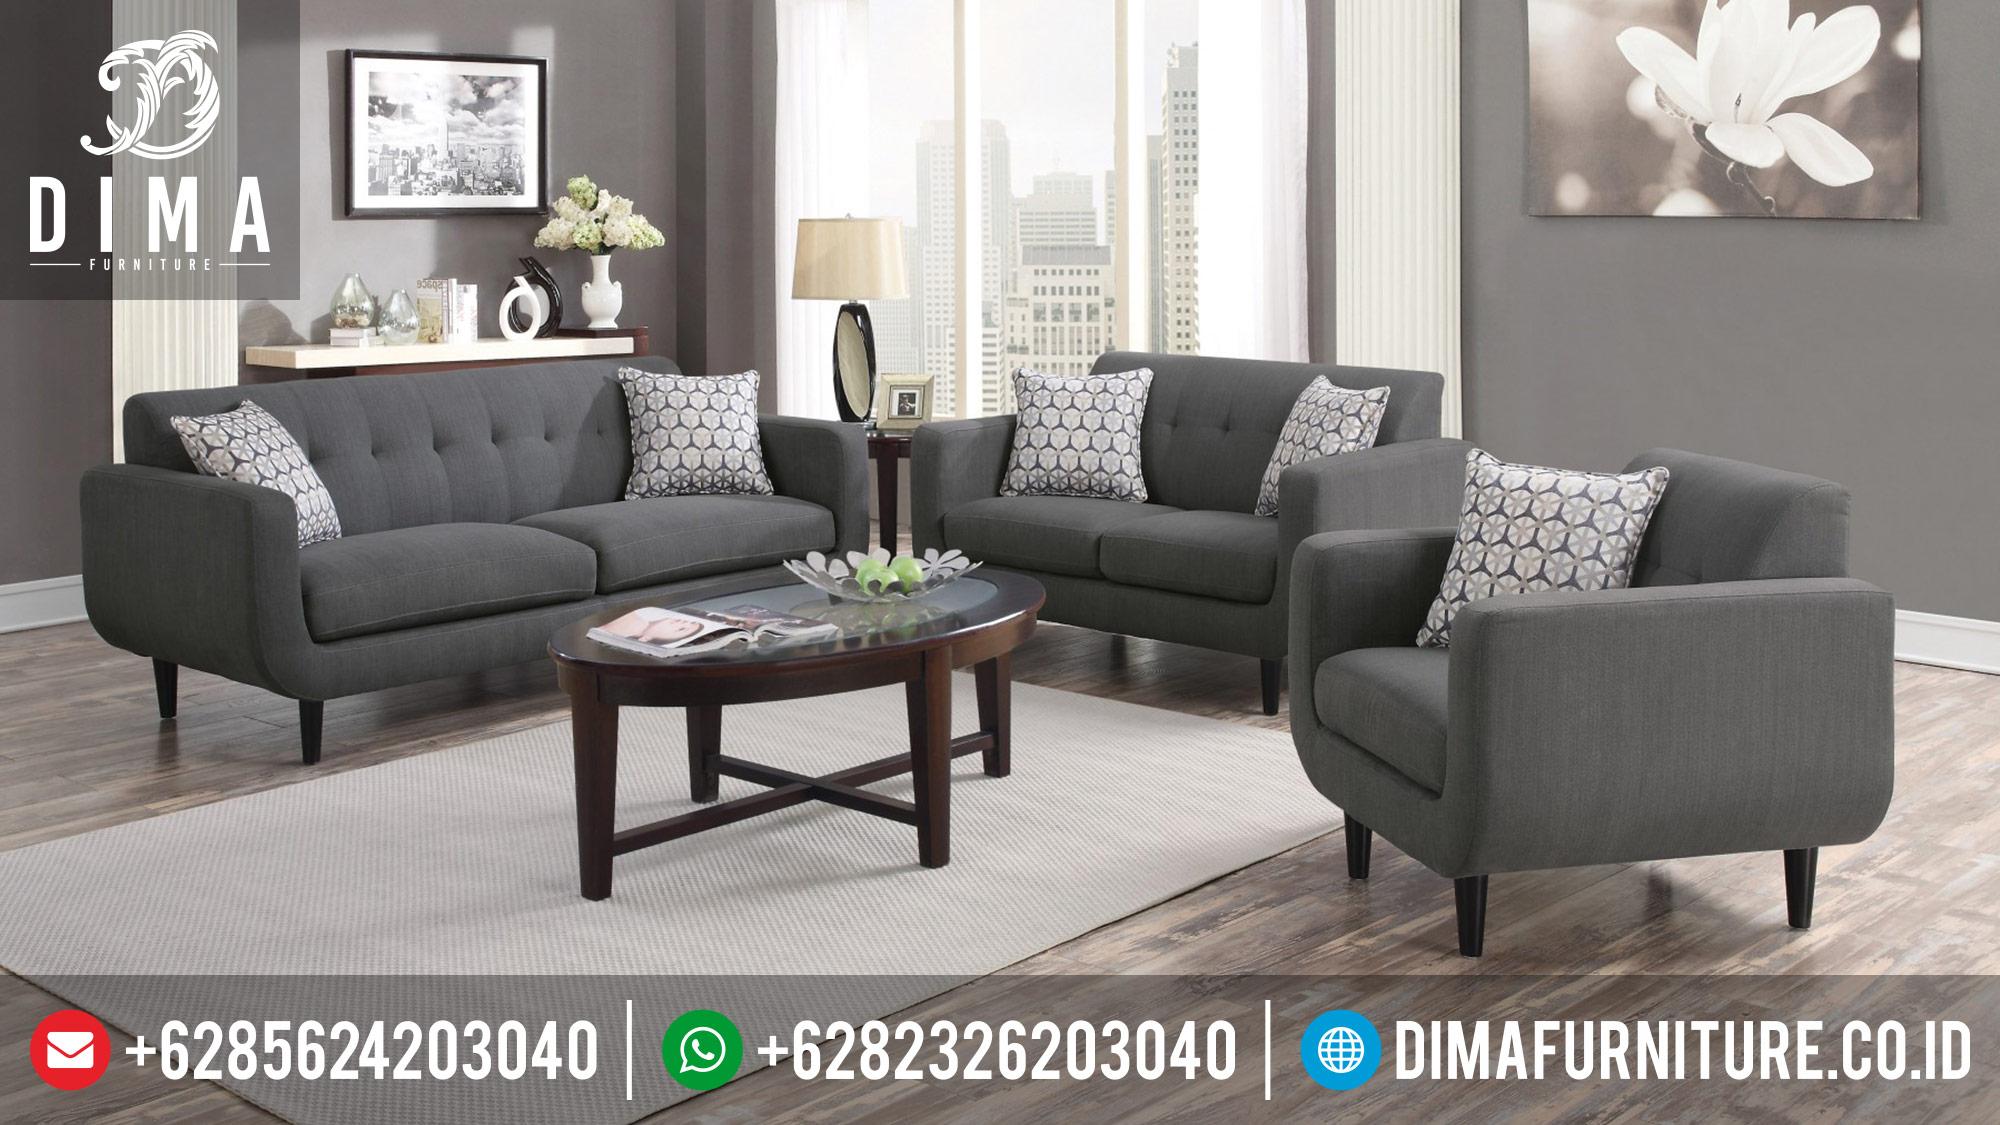 Gambar Sofa Ruang Tamu Minimalis Terbaru Arsihome